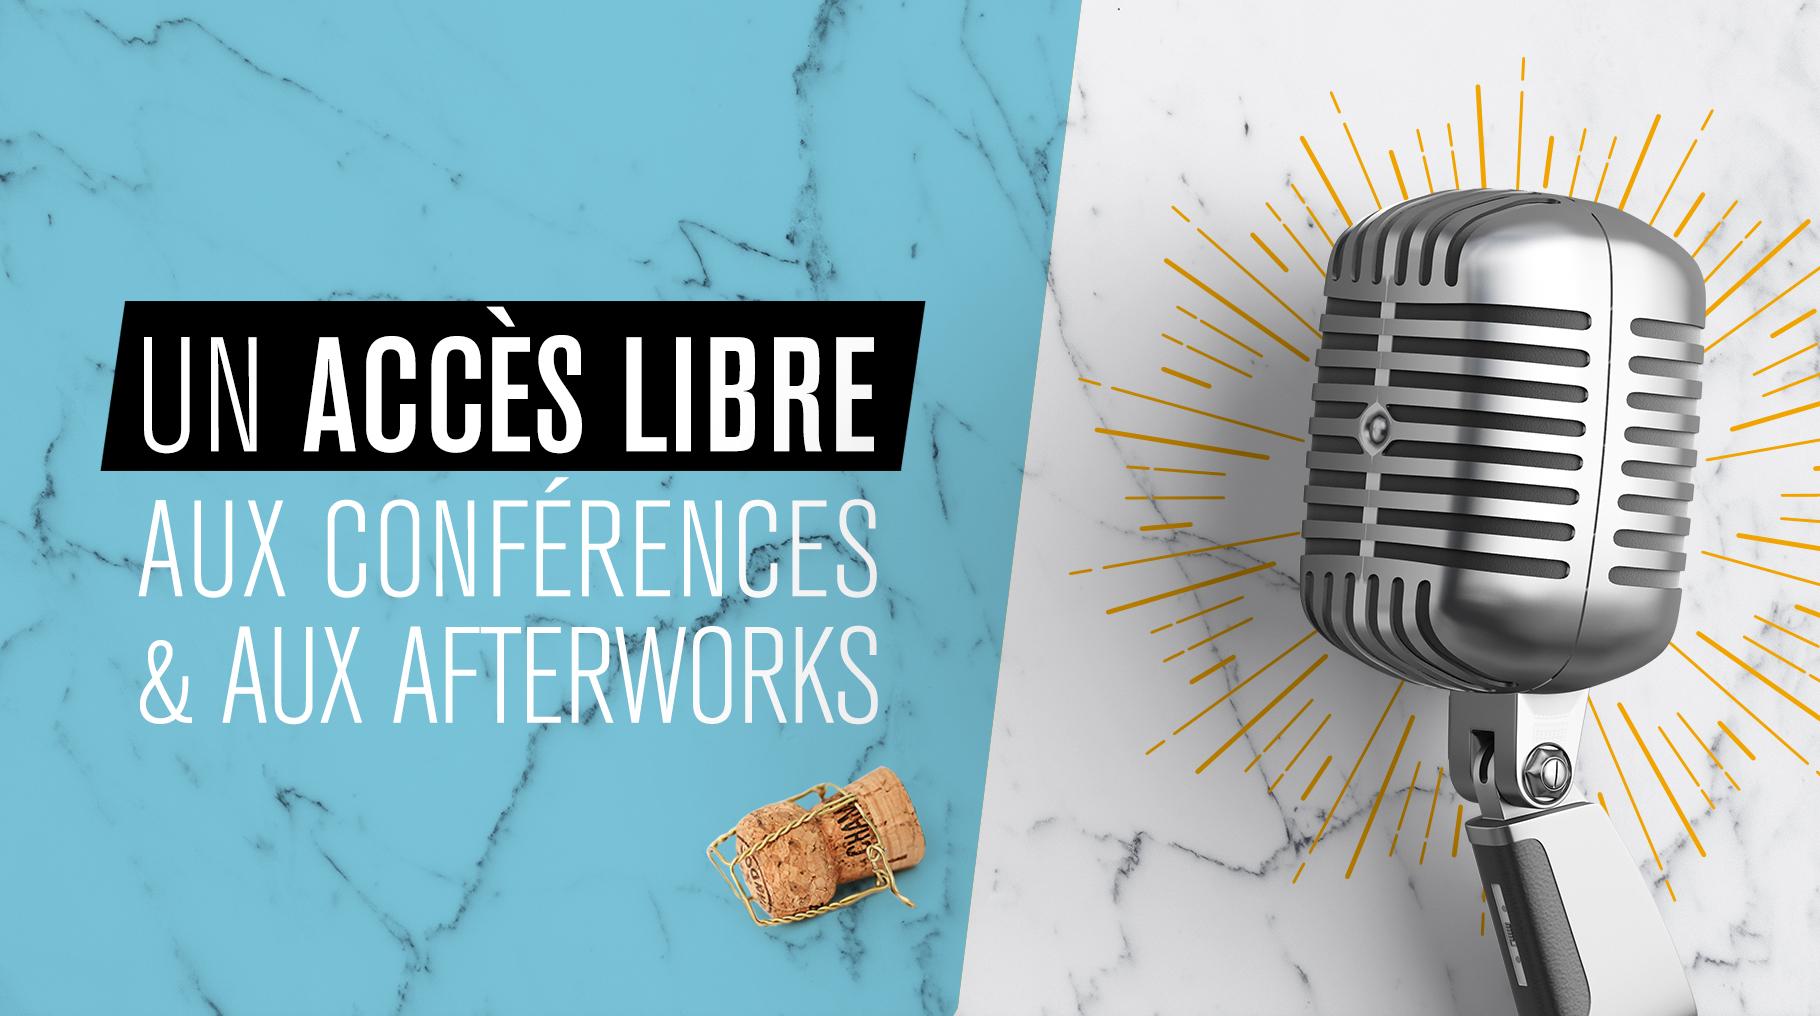 Un accès libre aux conférences et aux afterworks